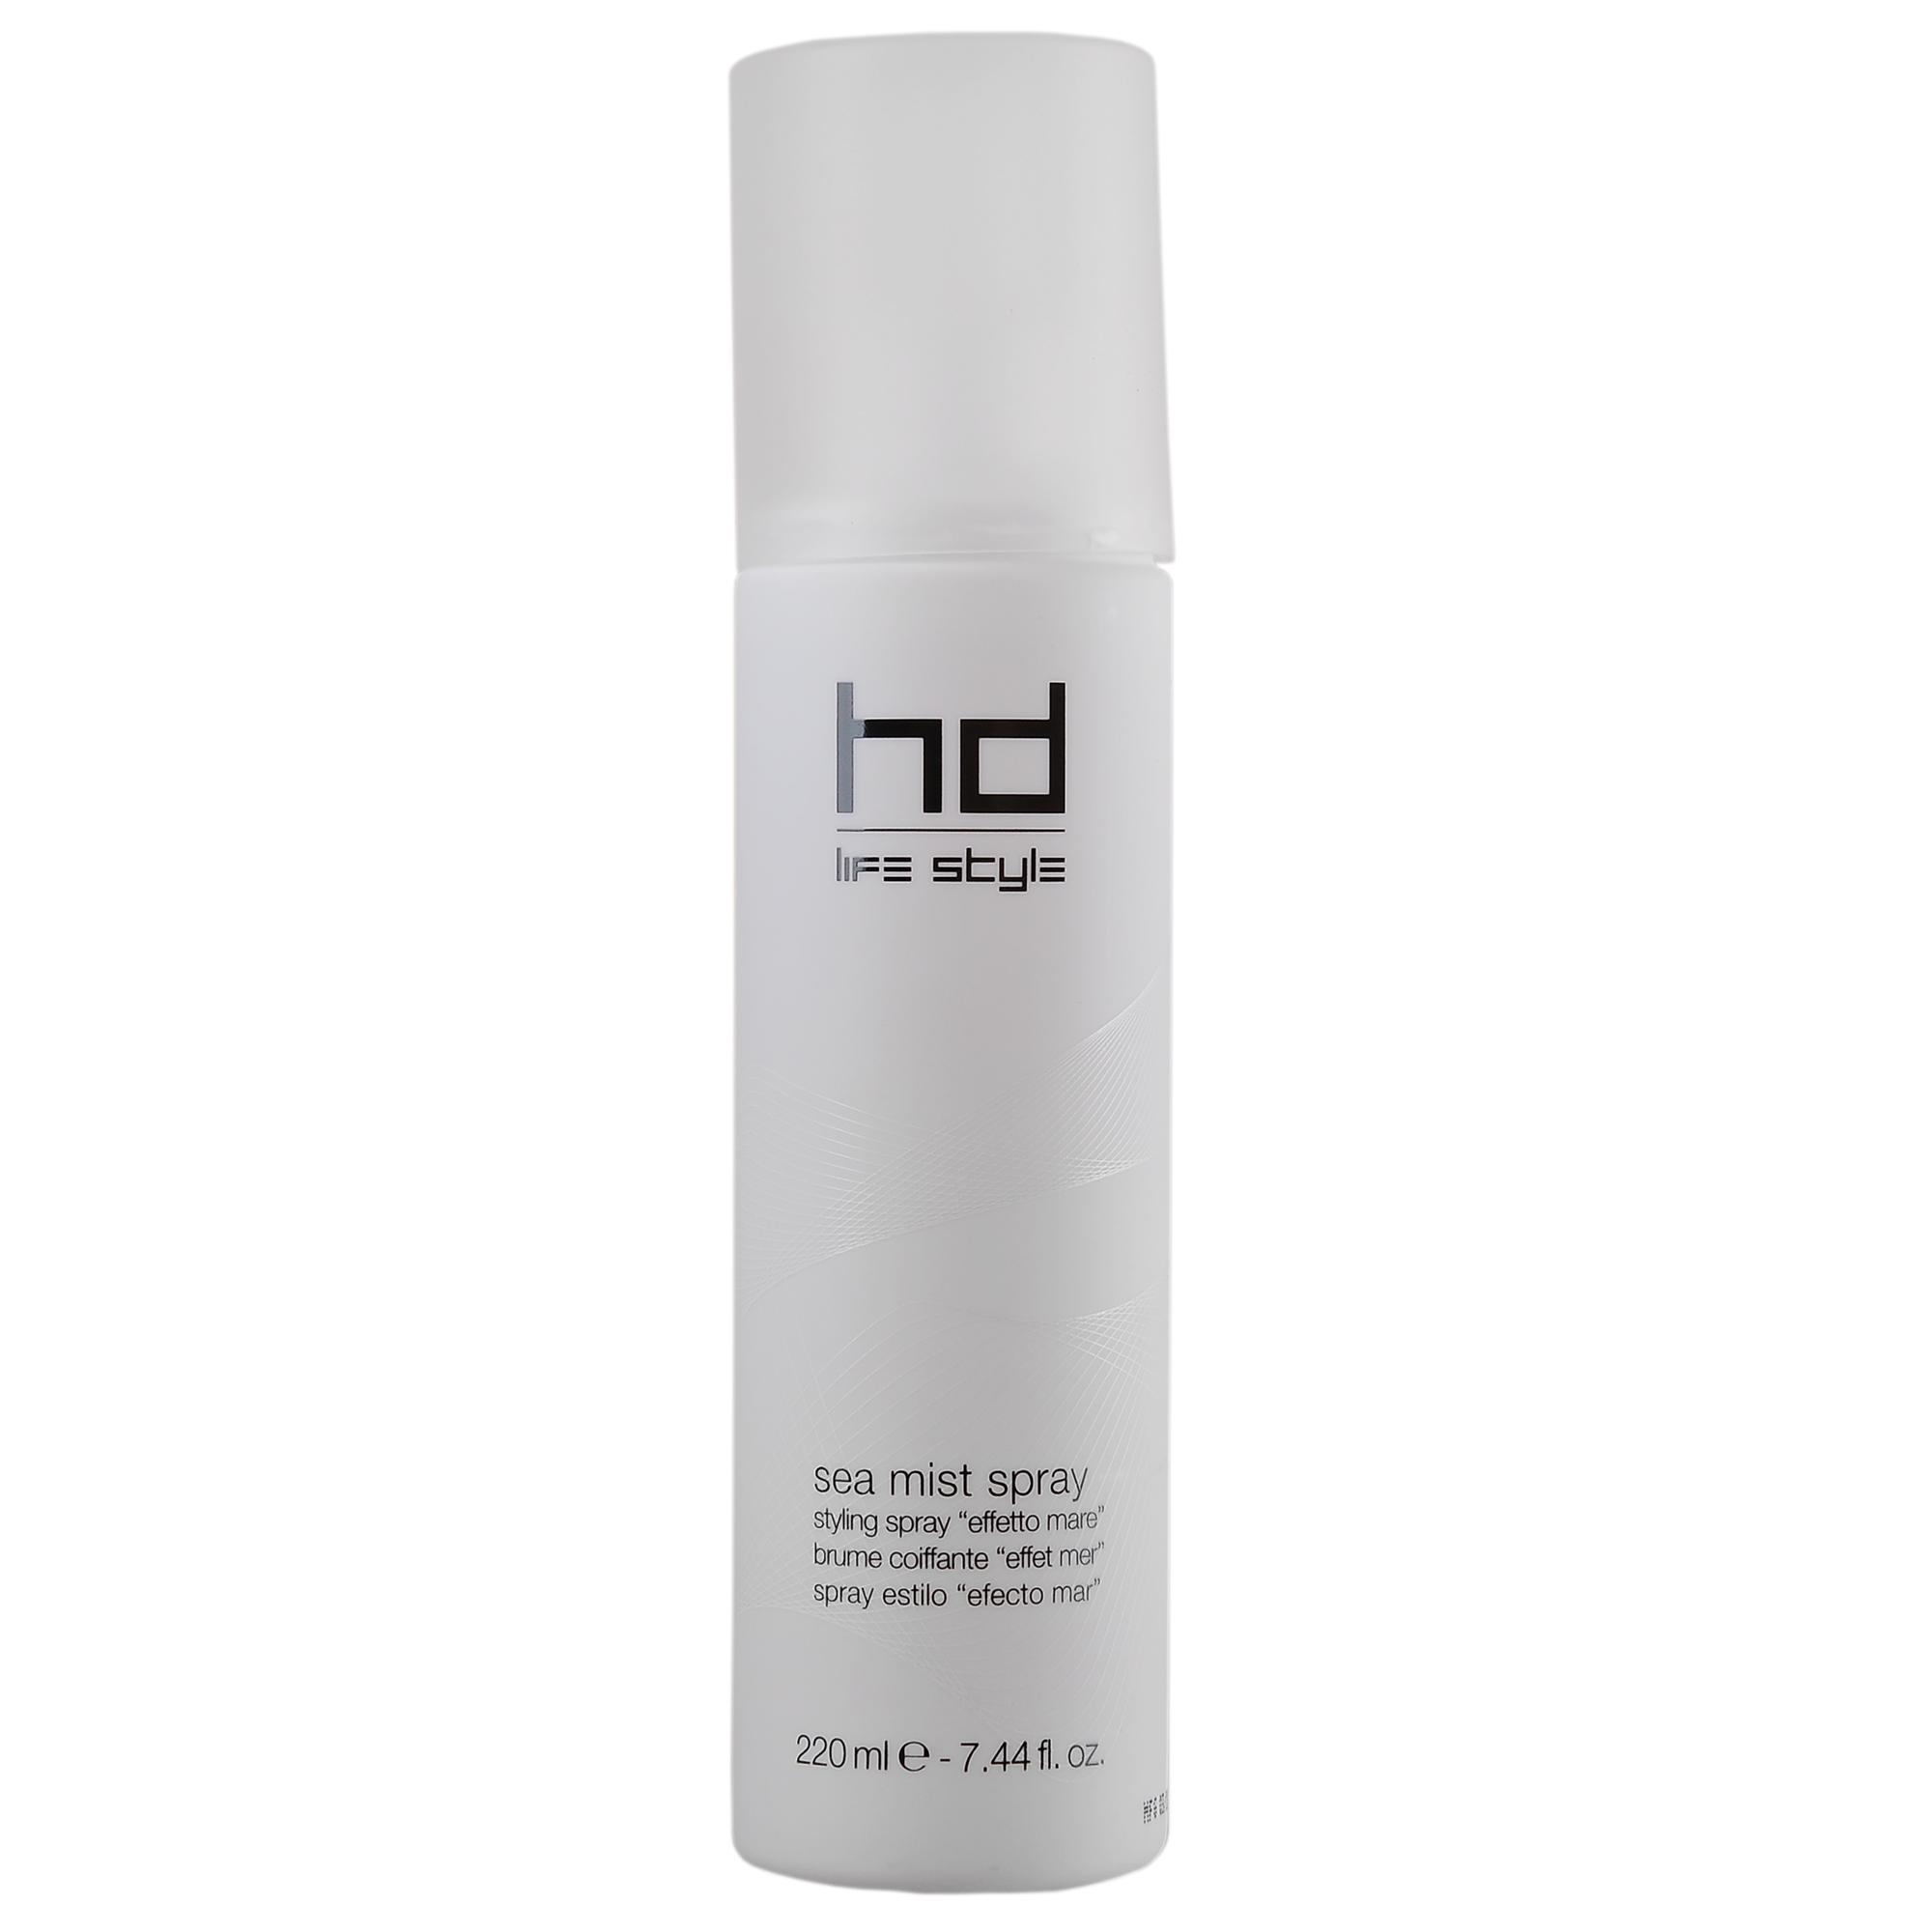 FARMAVITA Спрей Морской туман HD SEA MIST SPRAY / HD LIFE STYLE 220 млСпреи<br>Спрей Морской Туман Sea mist spray от ведущего итальянского бренда косметики для волос FarmaVita разработан для создания  пляжного эффекта . Моделирующее средство позволяет создать красивую укладку, придав волосам живой и романтичный вид. Использование спрея помогает защитить волосы от ветра и влияния других внешних факторов. Витамин C, входящий в состав средства, активно оживляет и увлажняет тусклые волосы, а натуральная морская соль позволяет создать невероятный объем. Активные ингредиенты: Витамин С - активно увлажняет и оживляет волосы как кондиционер.&amp;nbsp; Морская соль - придает волосам невероятный объем.&amp;nbsp; Способ применения: нанесите спрей Sea Mist на сухие или влажные волосы и равномерно распределите его по волосам. Выполните желаемую укладку. Средство может использоваться на сухих волосах, чтобы зафиксировать и подчеркнуть детали прически. Для дополнительной защиты волос используйте Sea Mist Spray с шампунем 01.Hydro Repair и маской 02.Hydro Repair из линии Hydro Repair.<br><br>Объем: 220 мл<br>Вид средства для волос: Моделирующая